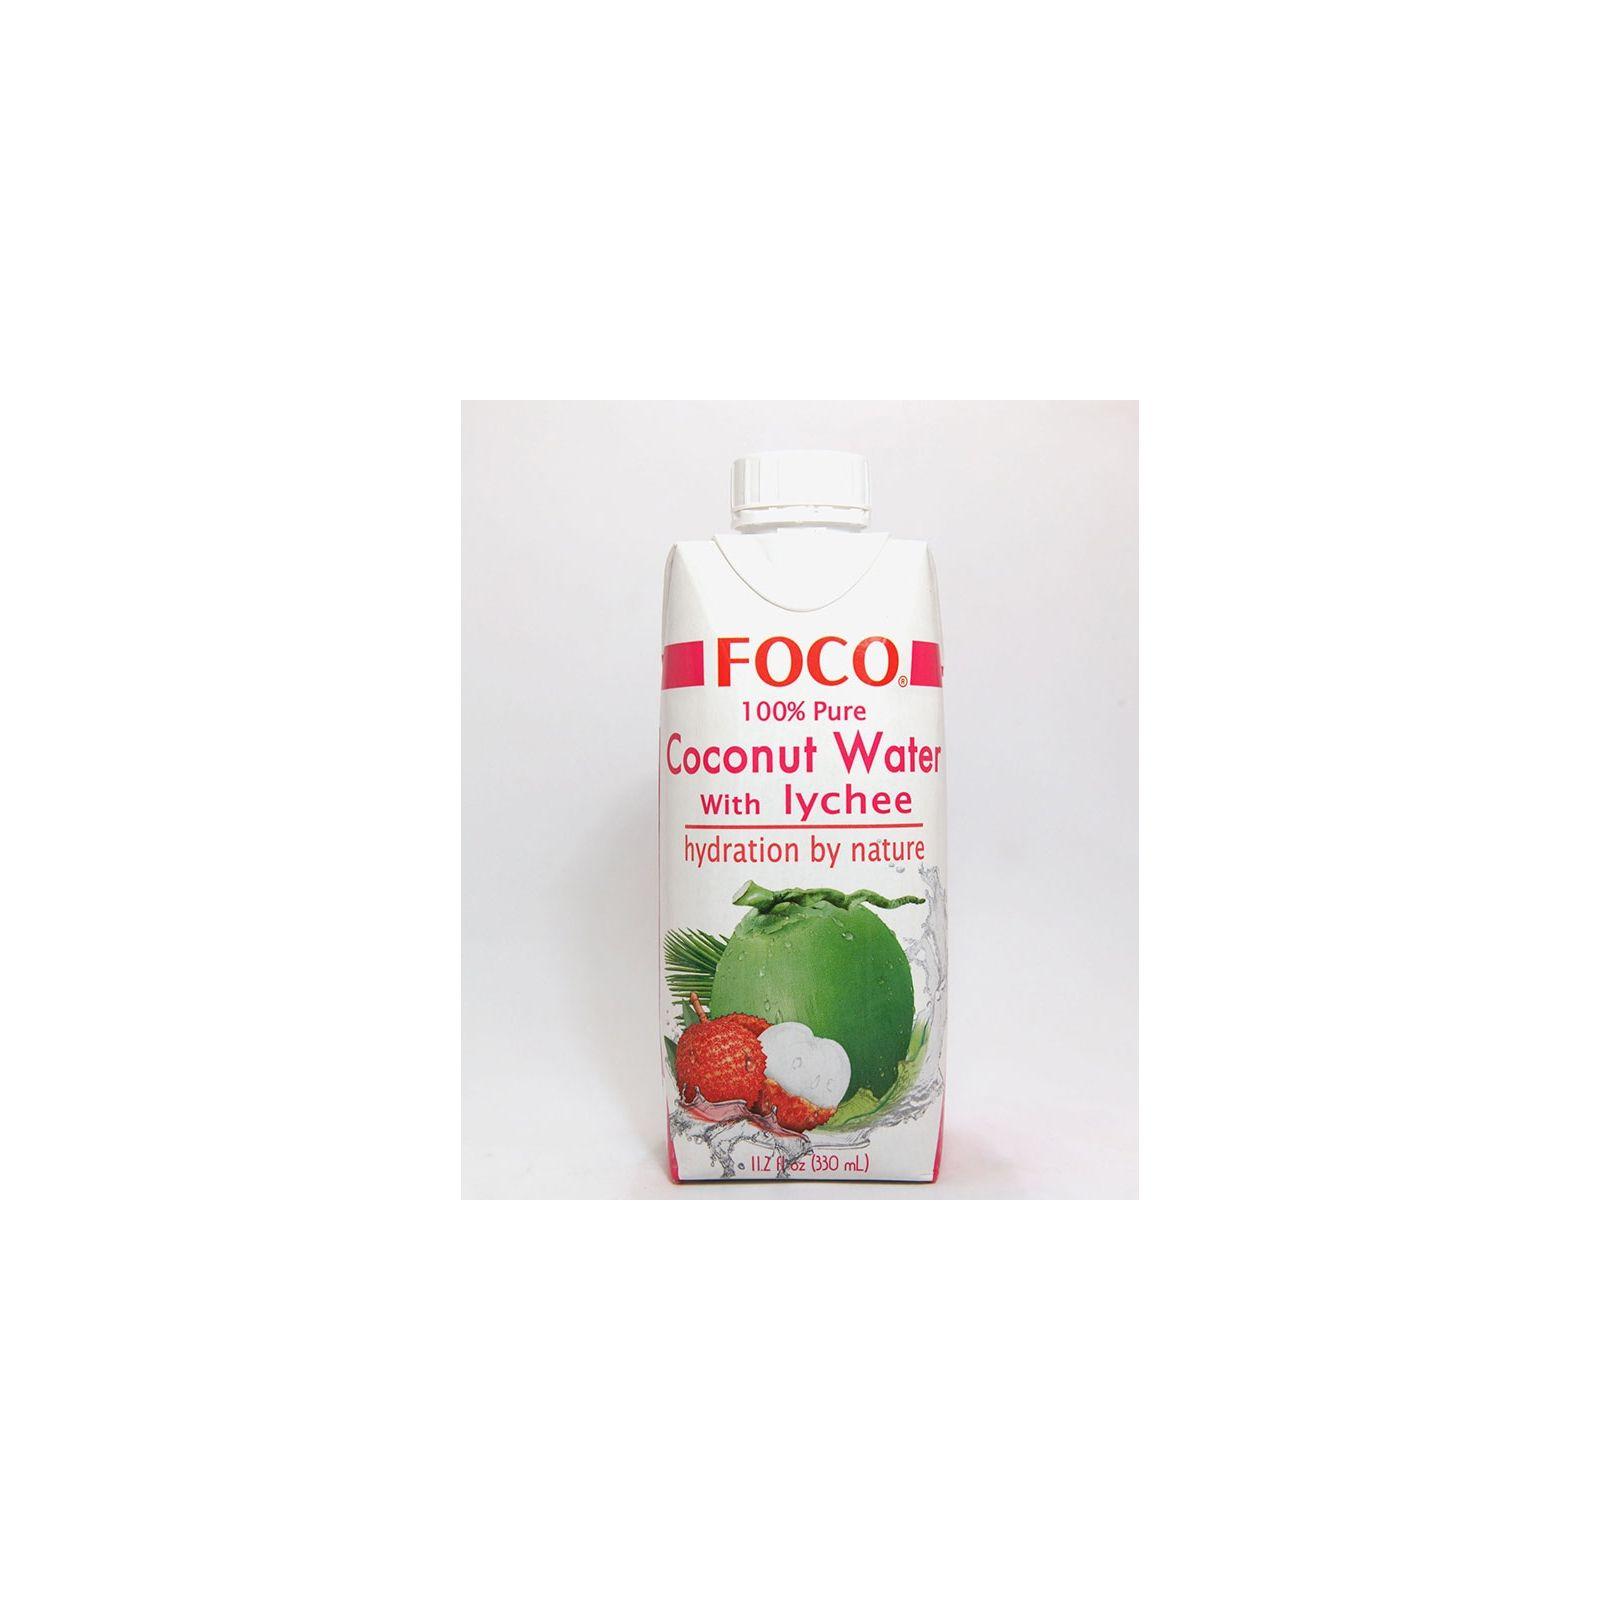 Asia Marché Eau de coco au Lychee 33cl Foco